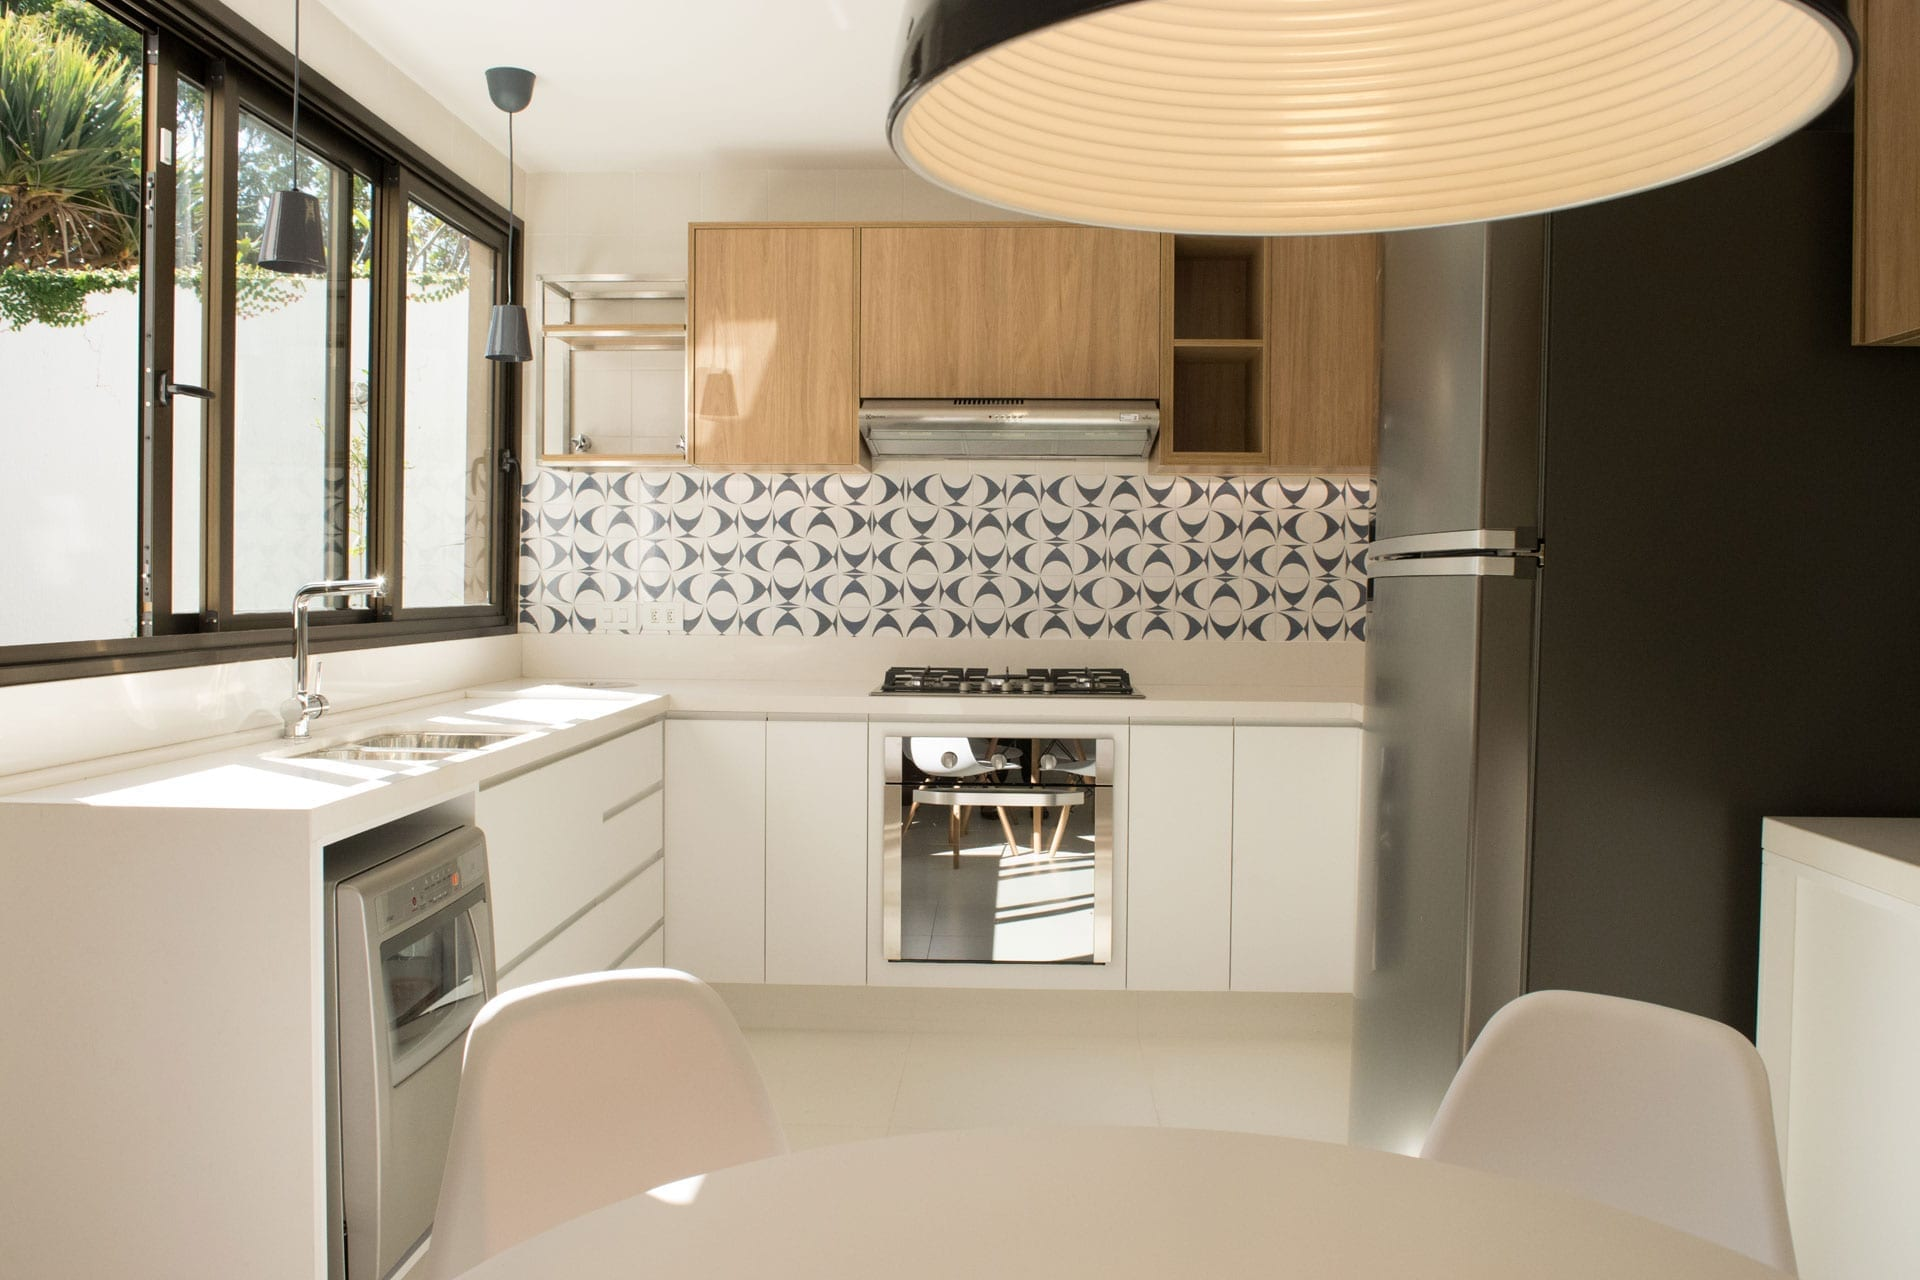 Arquiteta Beatriz Teixeira - Cozinha Athos